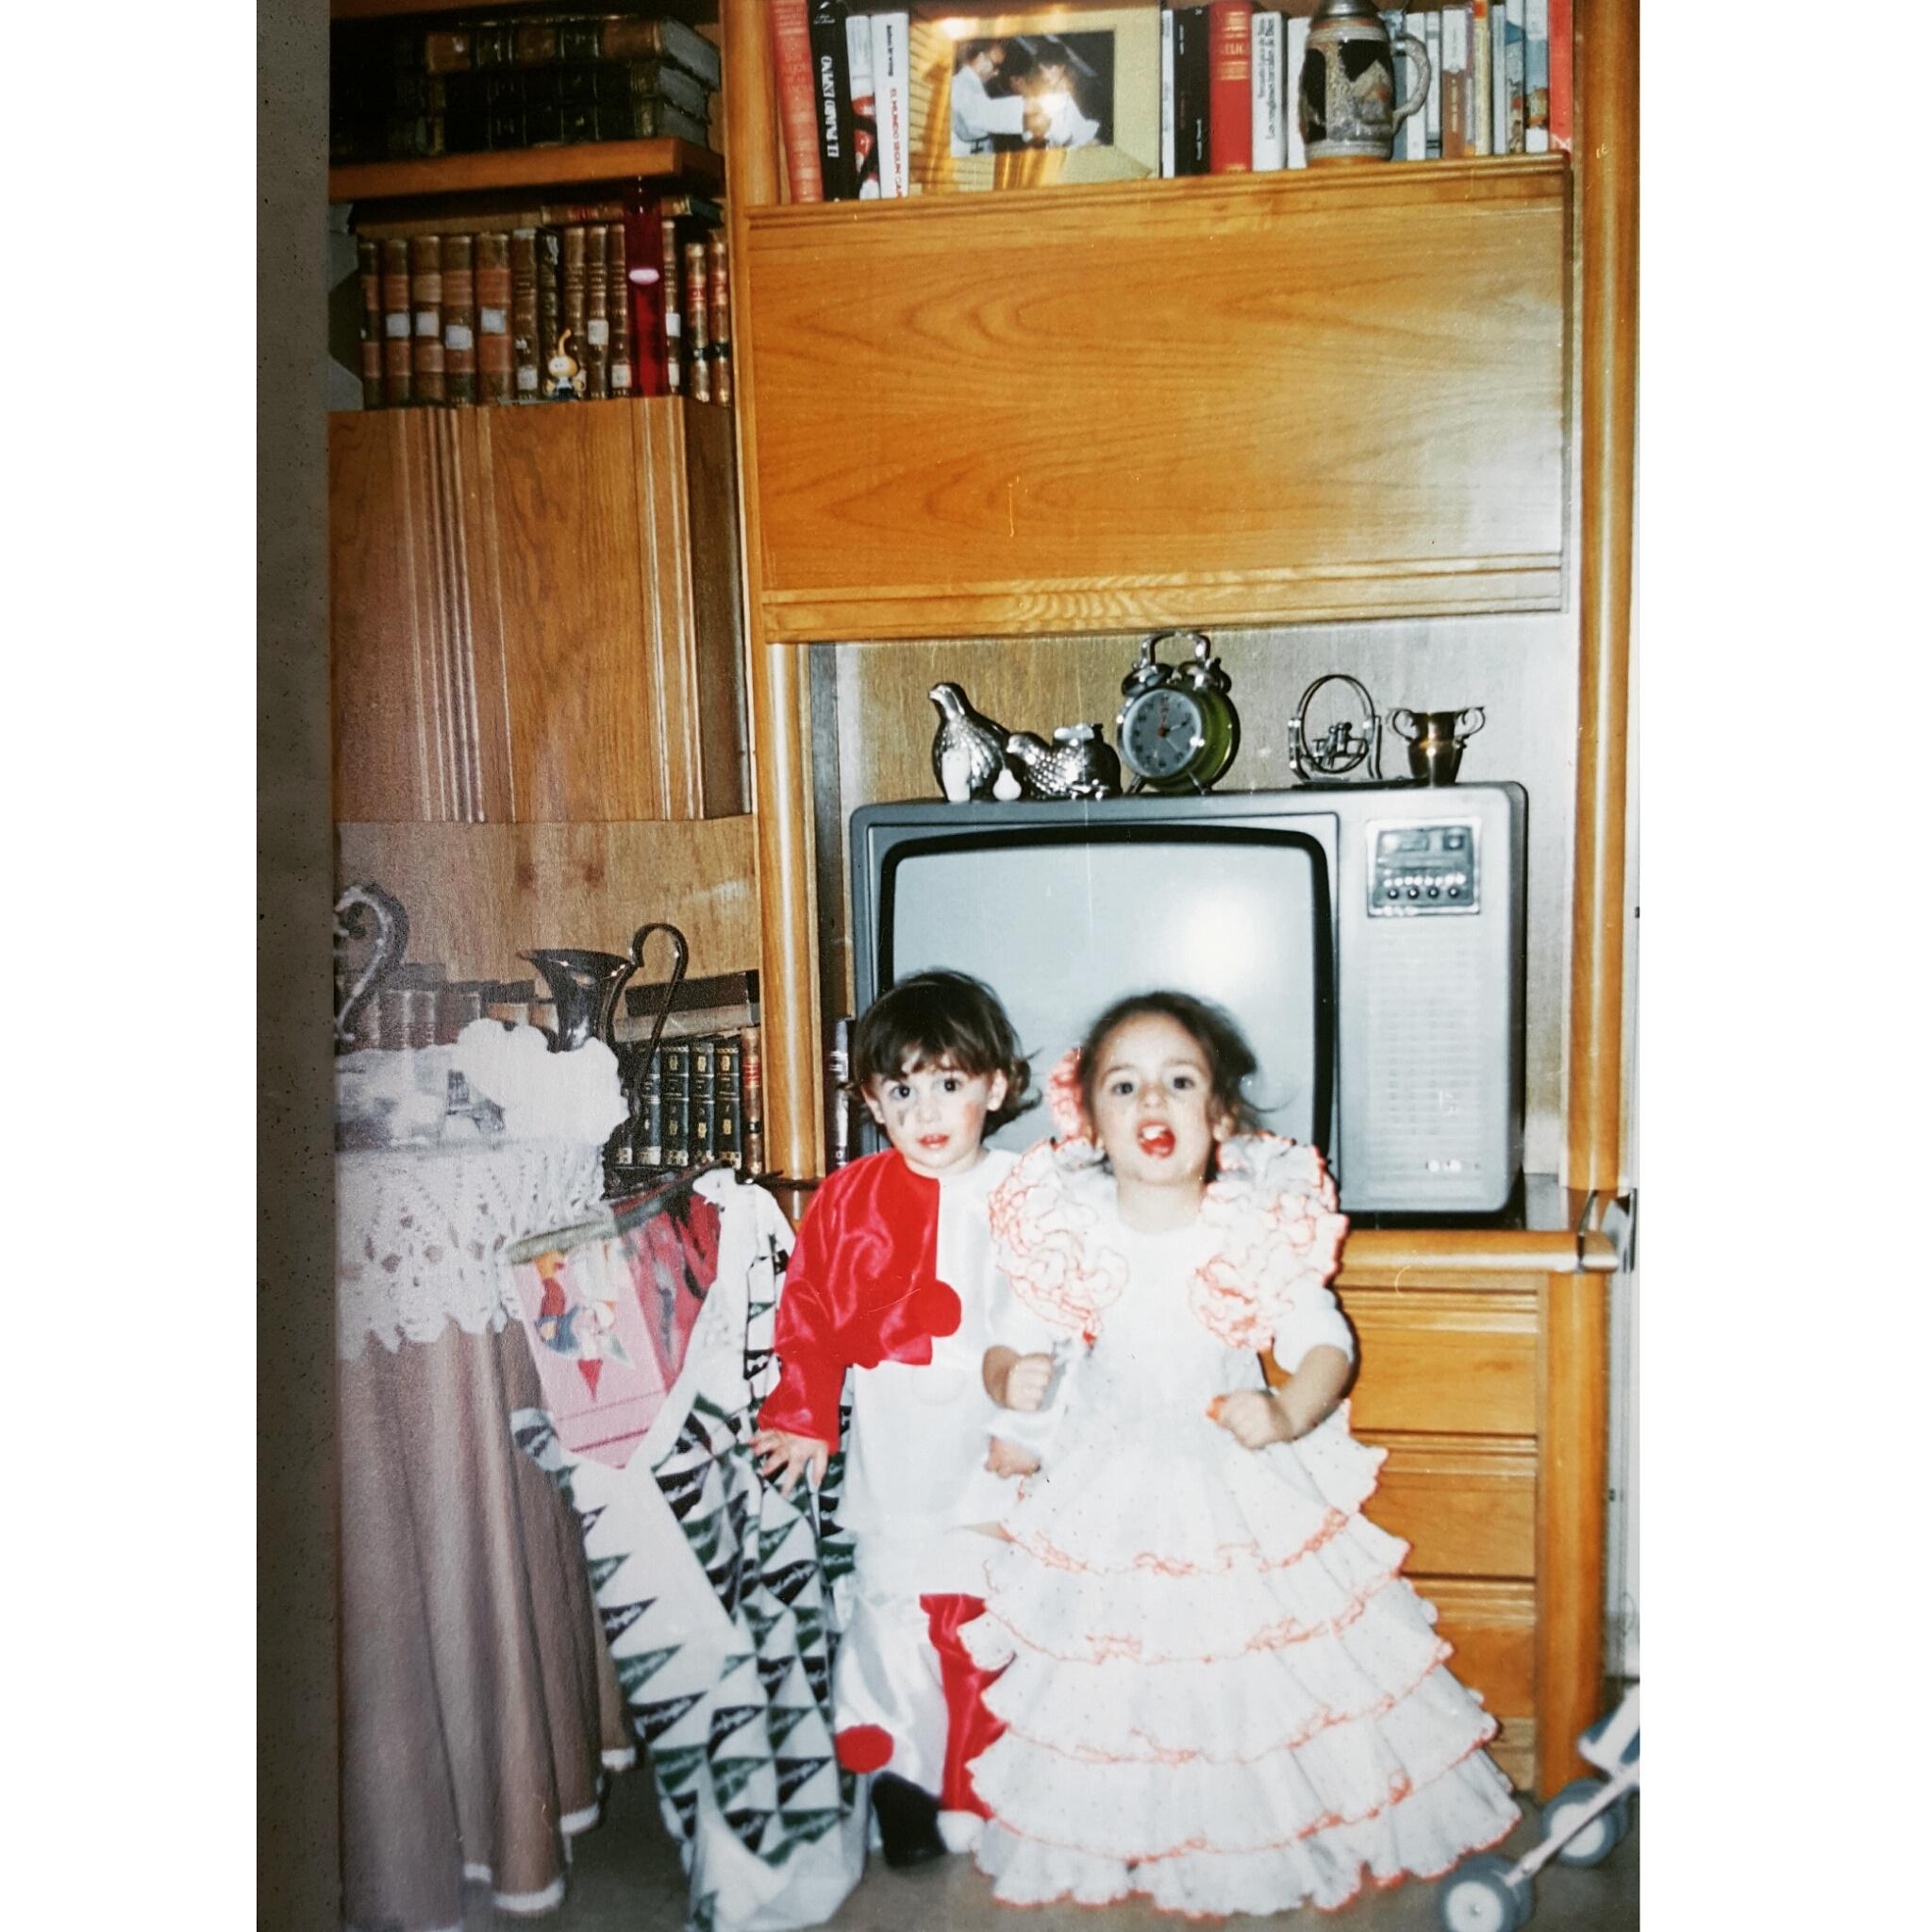 À la gypsy family... where it all began...